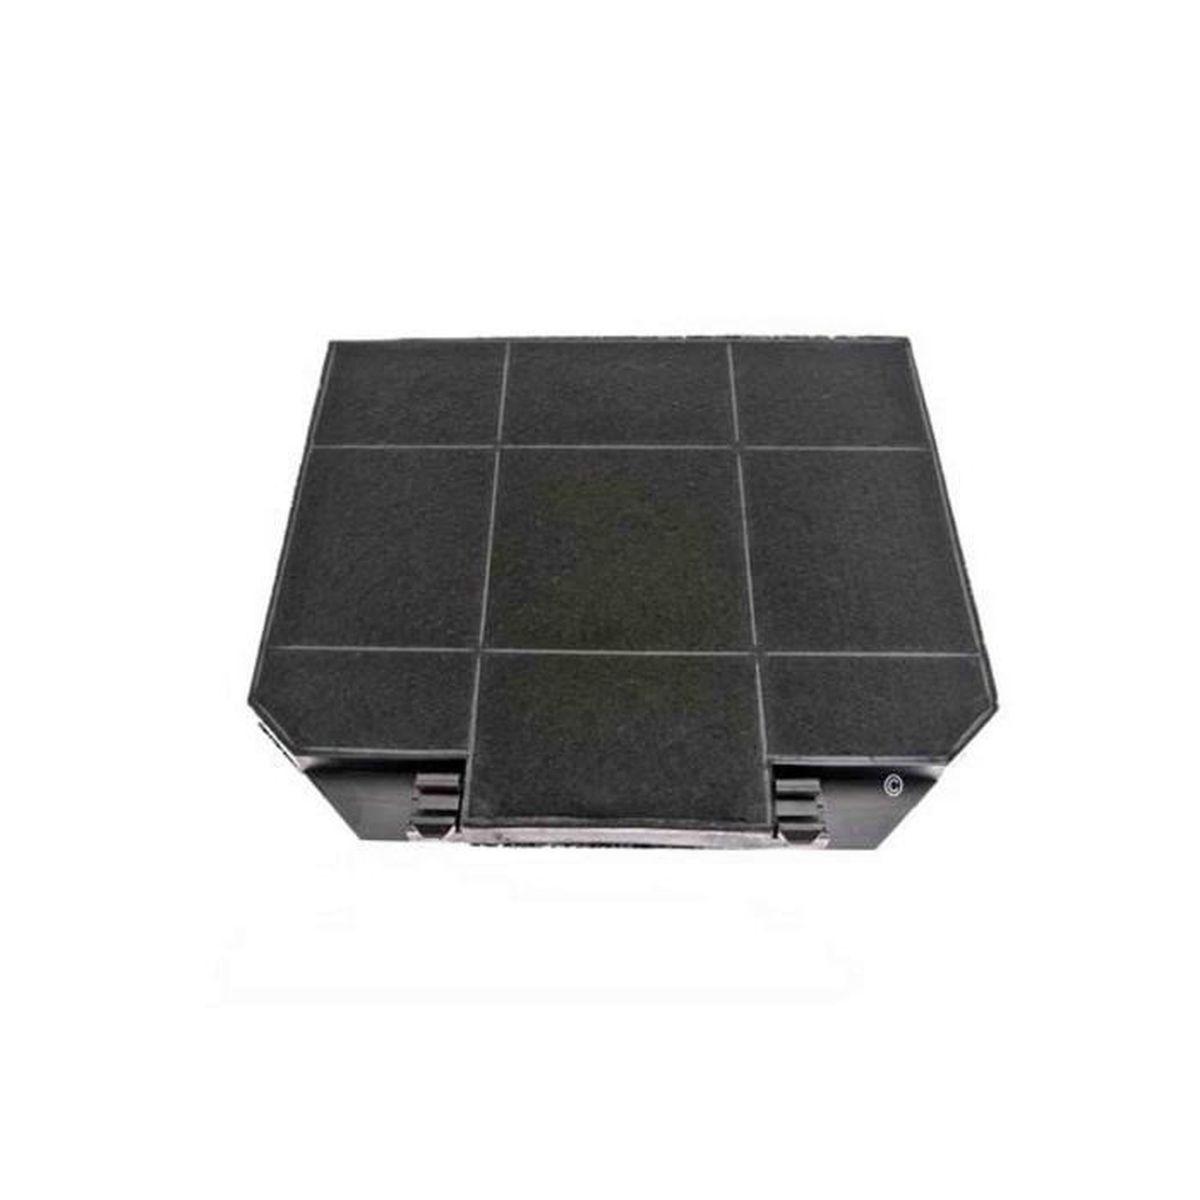 filtre charbon (a l'unite) (265 x 235 mm) pour hotte aeg, airforce